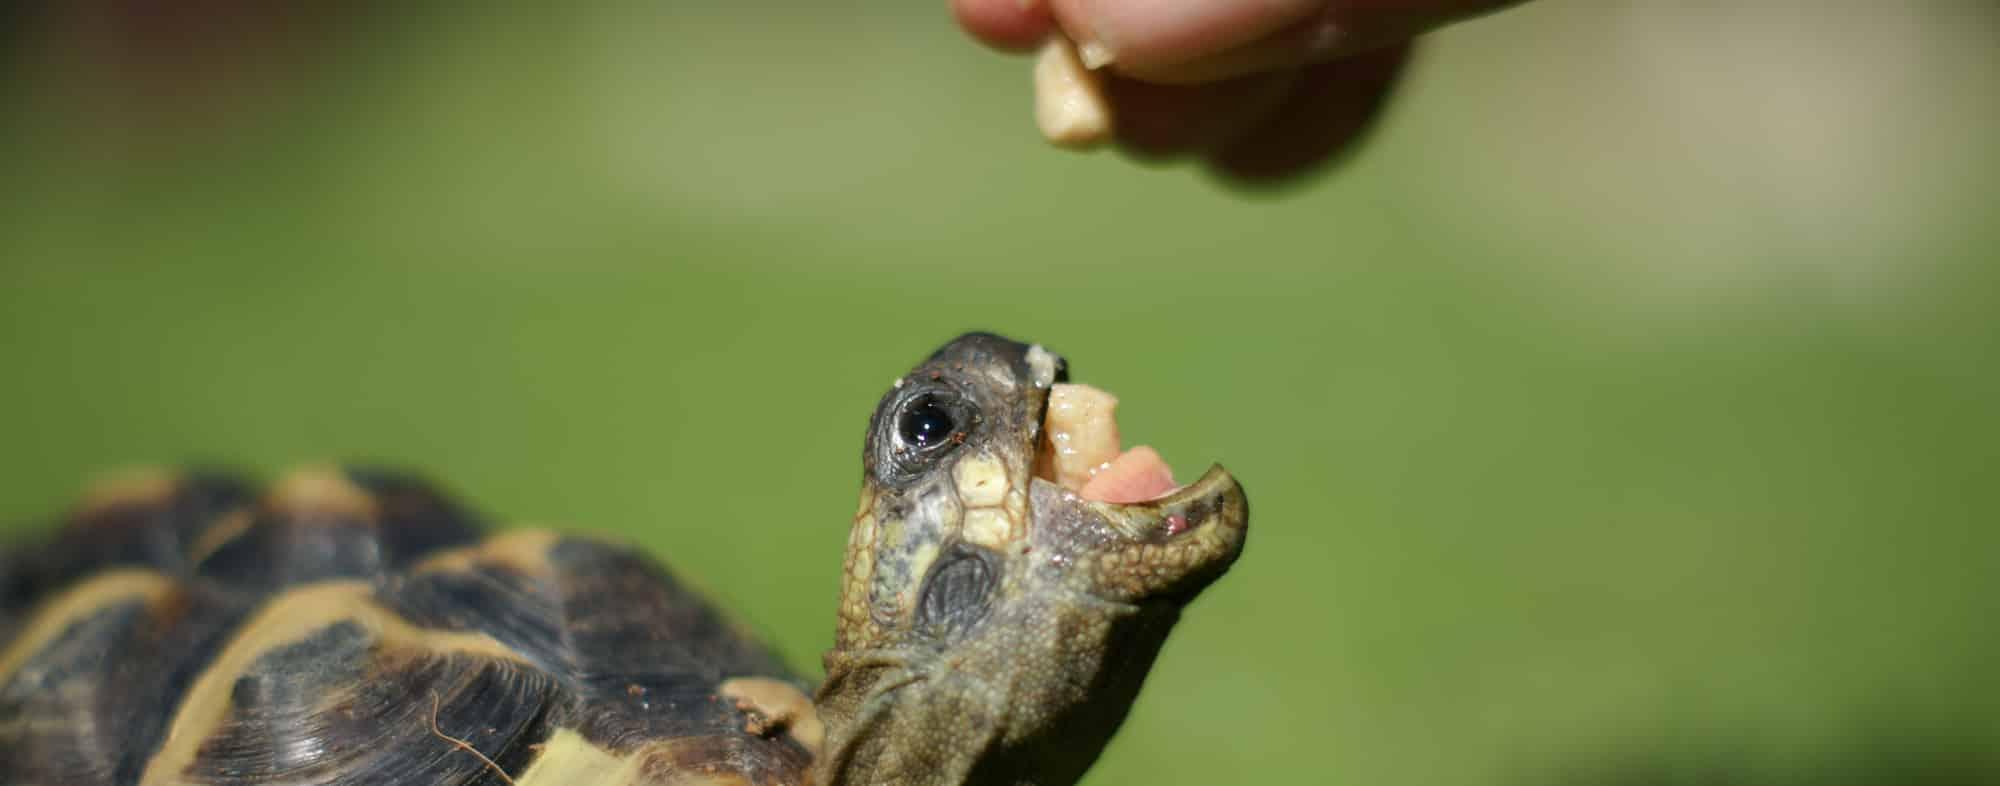 Quelle est la nourriture de la tortue?